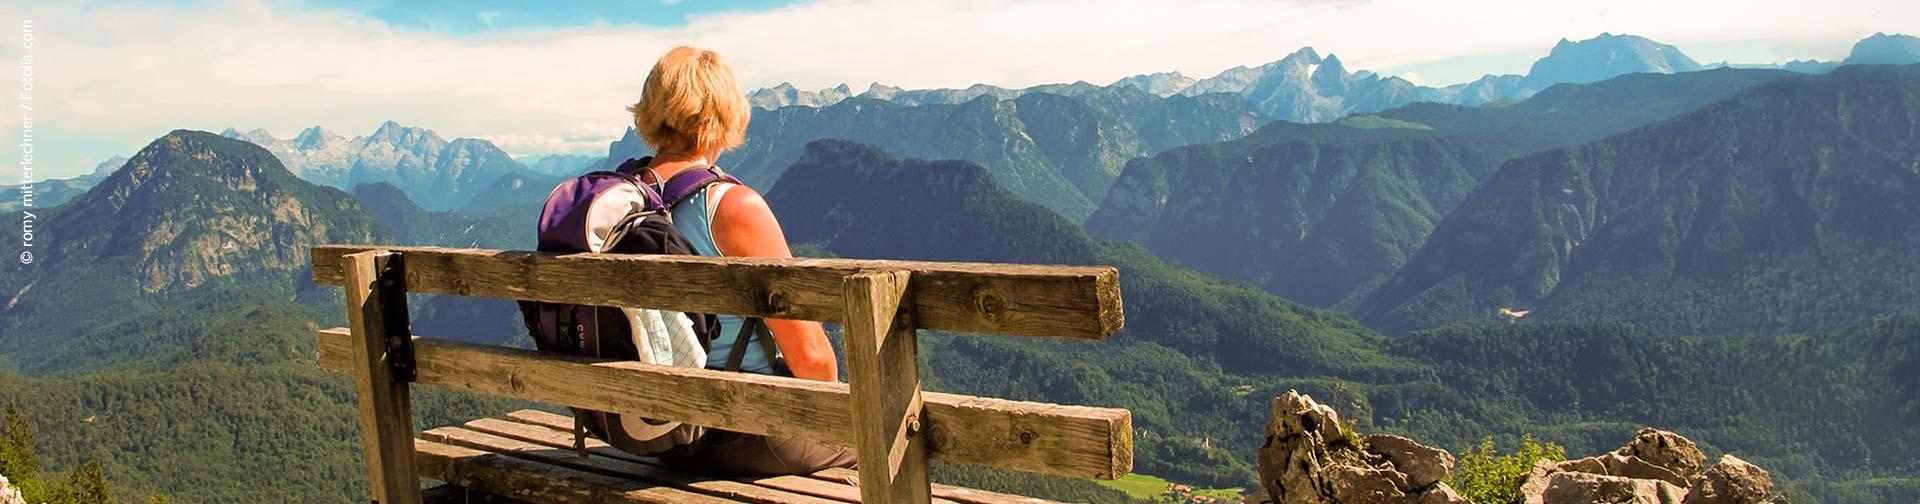 Wandern In Bayern Frankenweg Alpenquerung Watzmann